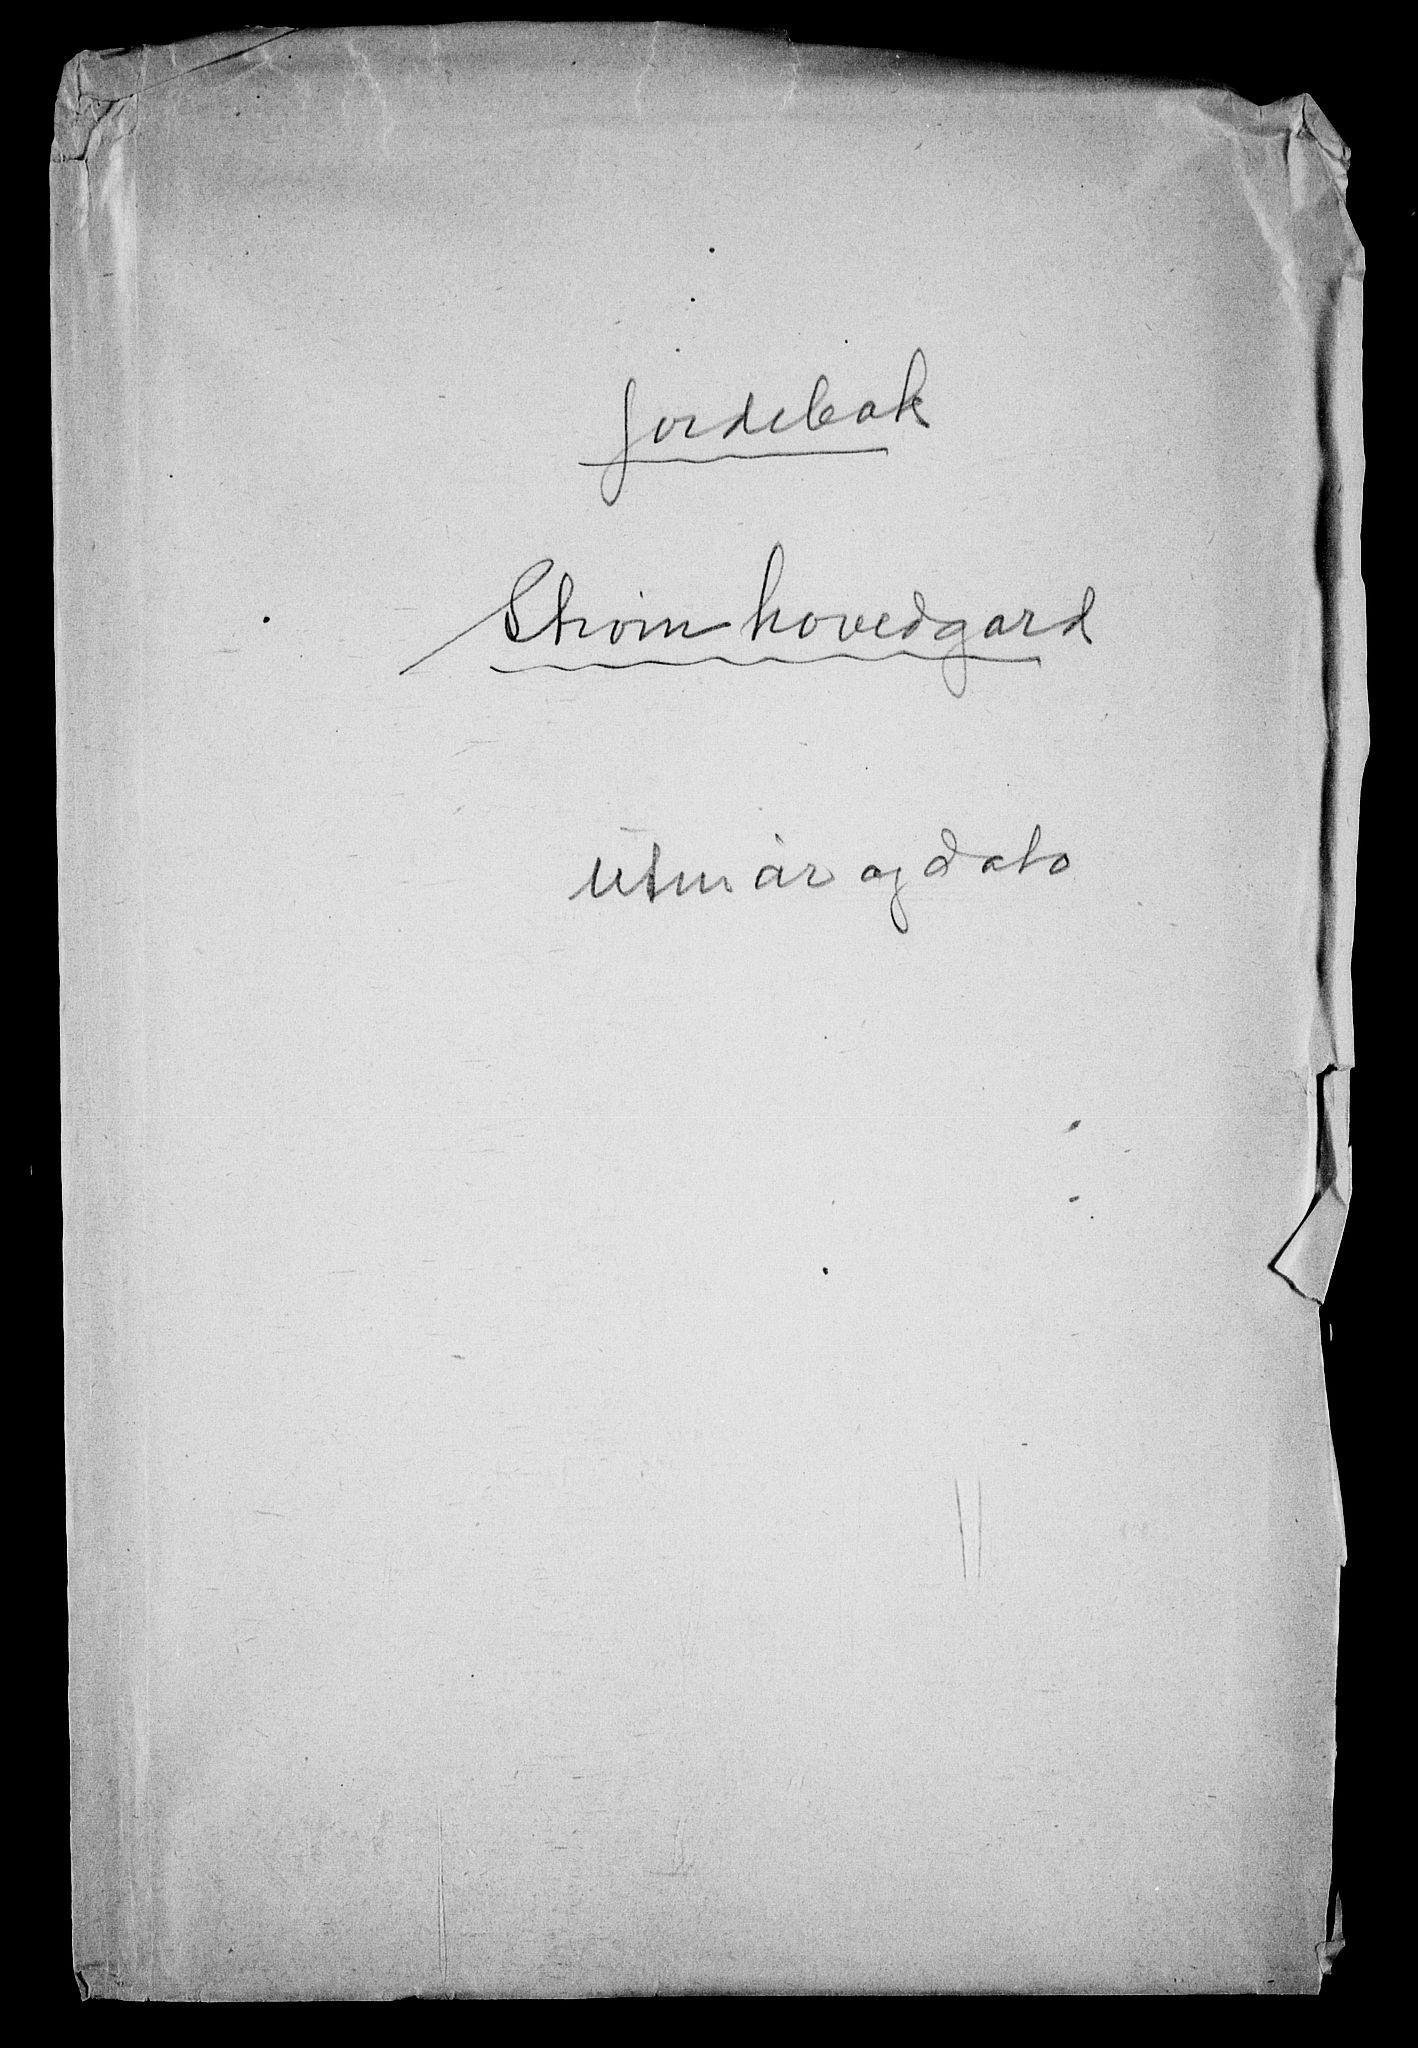 RA, Rentekammeret inntil 1814, Realistisk ordnet avdeling, On/L0008: [Jj 9]: Jordebøker innlevert til kongelig kommisjon 1672: Hammar, Osgård, Sem med Skjelbred, Fossesholm, Fiskum og Ulland (1669-1672), Strøm (1658-u.d. og 1672-73) samt Svanøy gods i Sunnfjord (1657)., 1672, s. 346